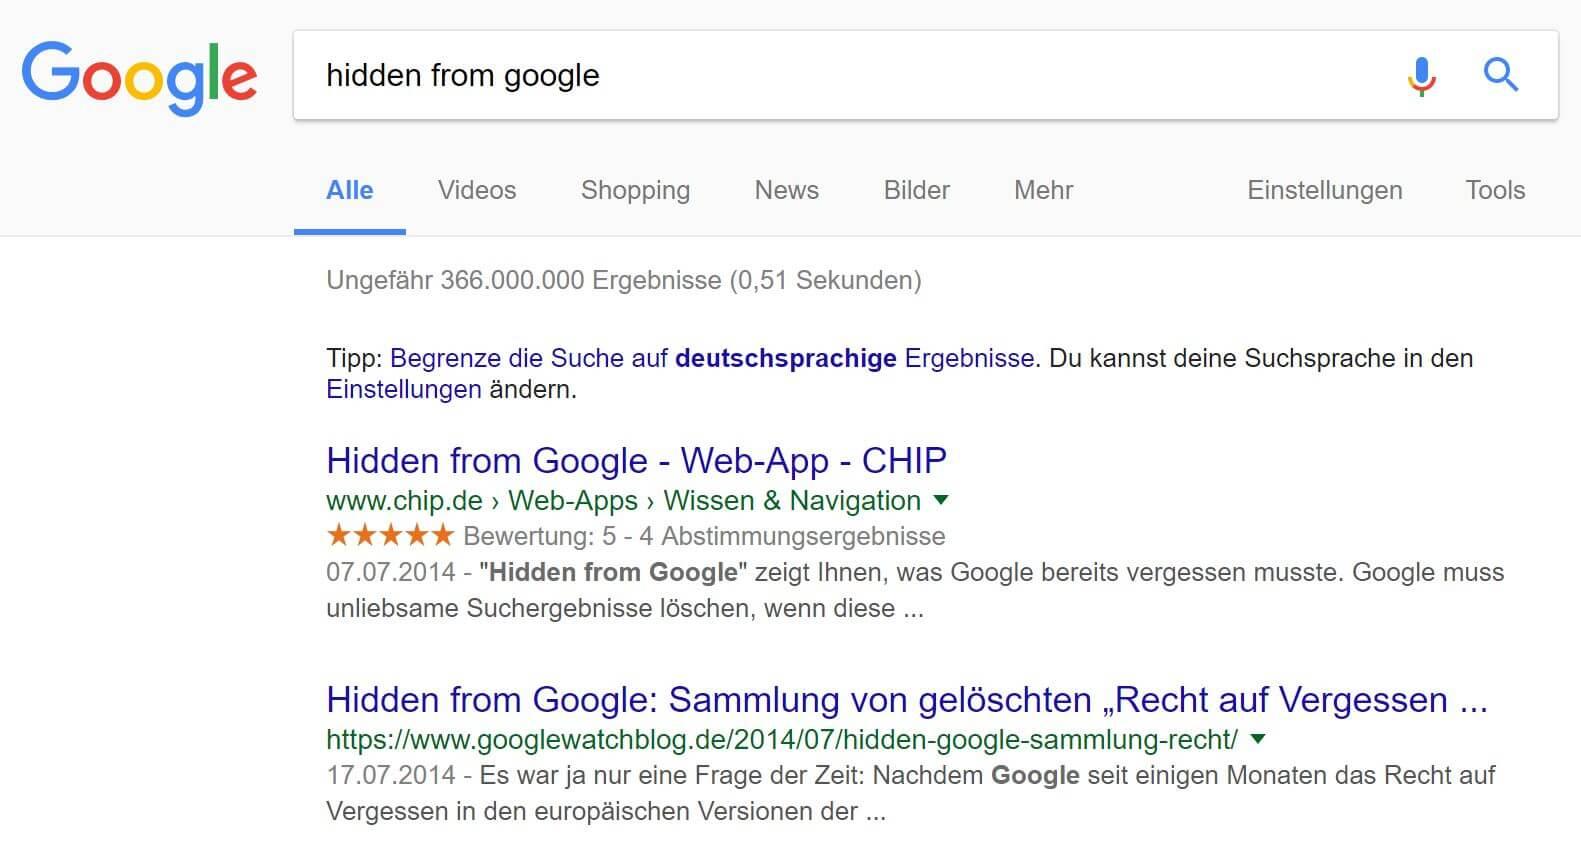 screenshot hidden from google